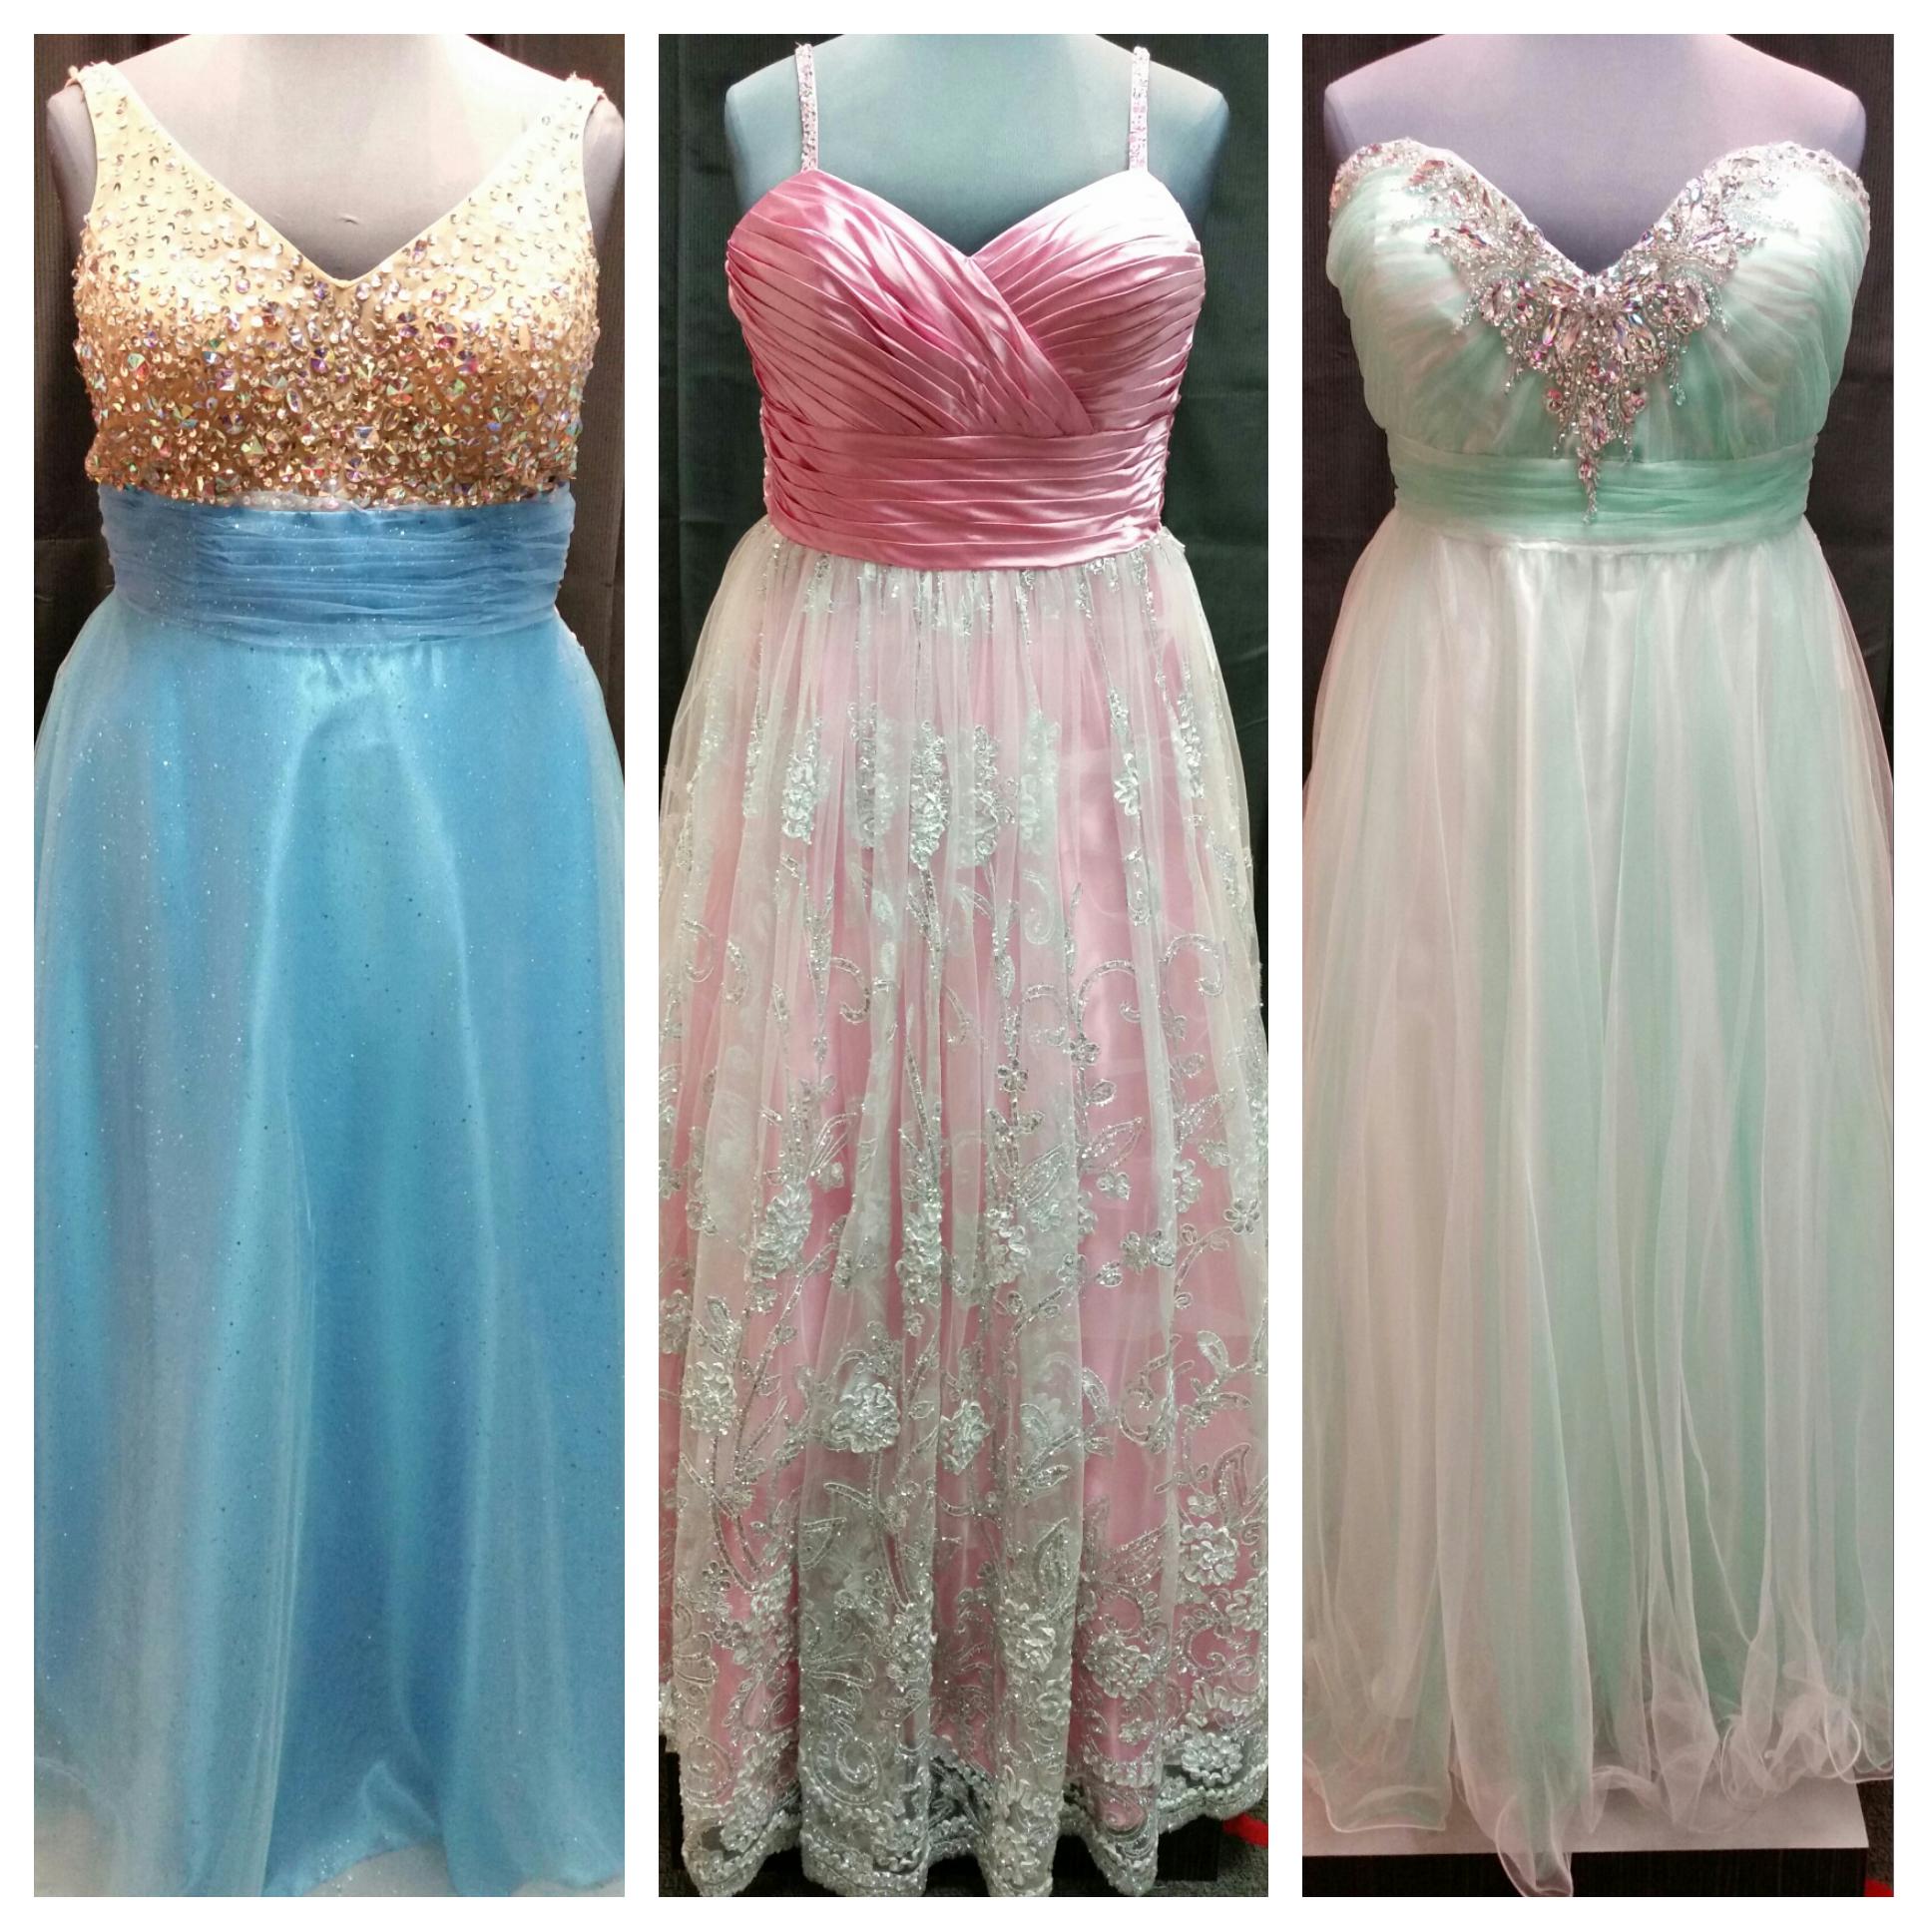 Plus Size Second Wedding Dresses: Unique Plus Size Prom Dresses